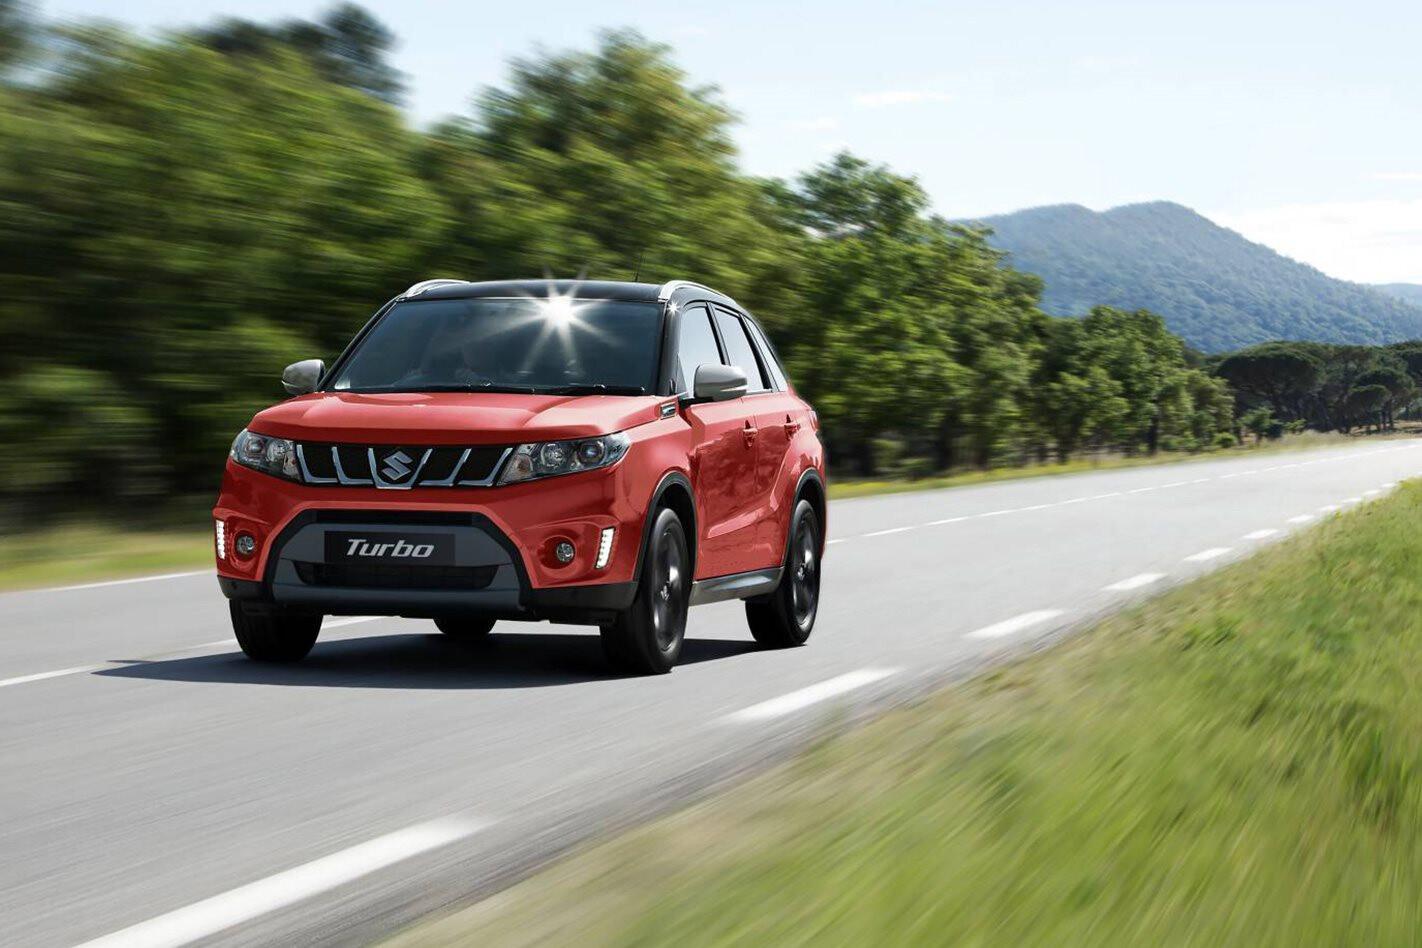 Part 1: Honda HR-V vs Mazda CX-3 vs Suzuki Vitara – Which Car Should I Buy?